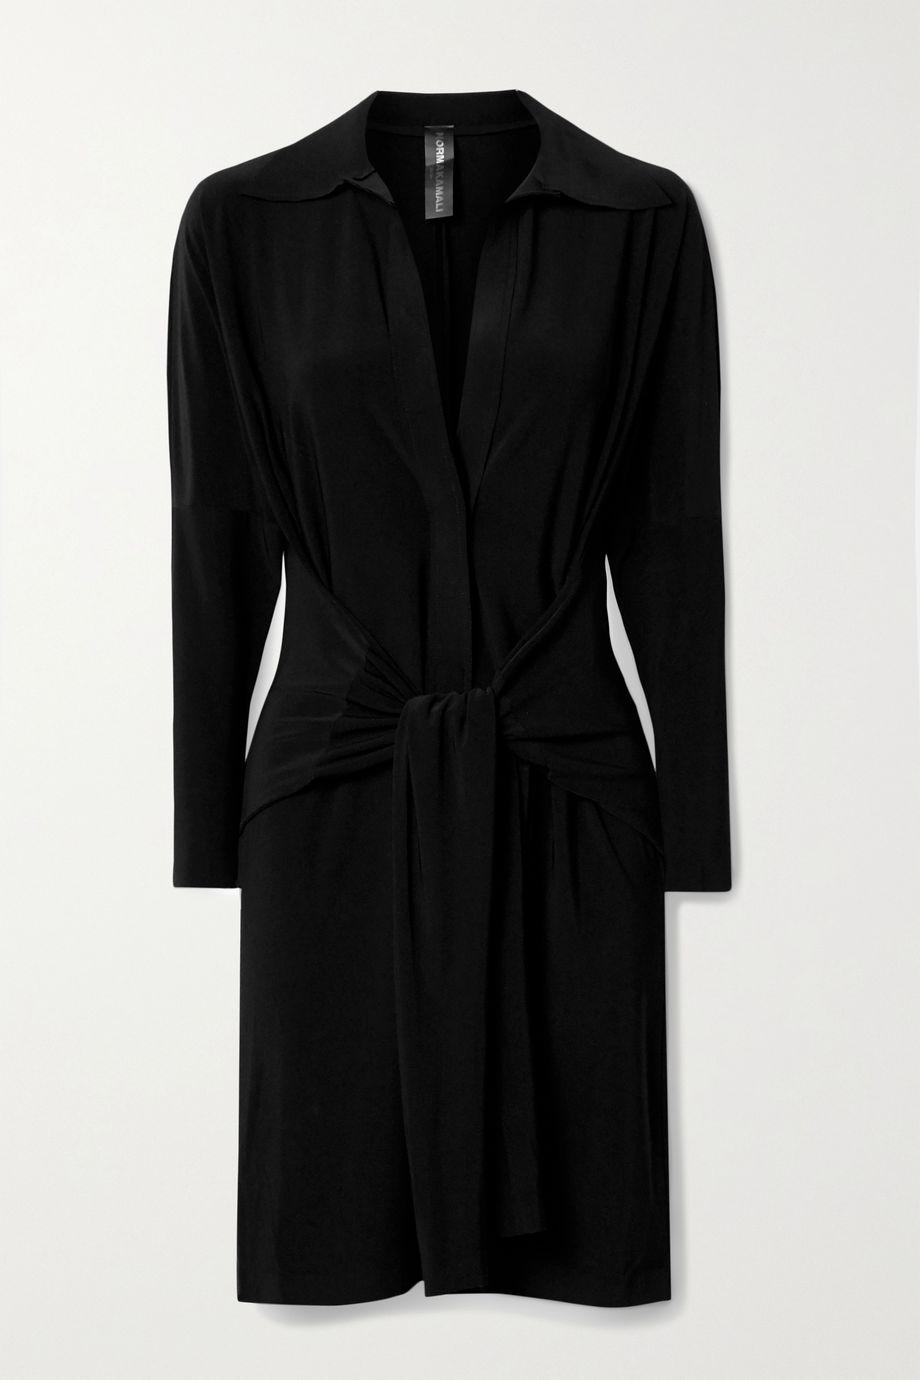 Norma Kamali Mini-robe en jersey stretch nouée sur le devant